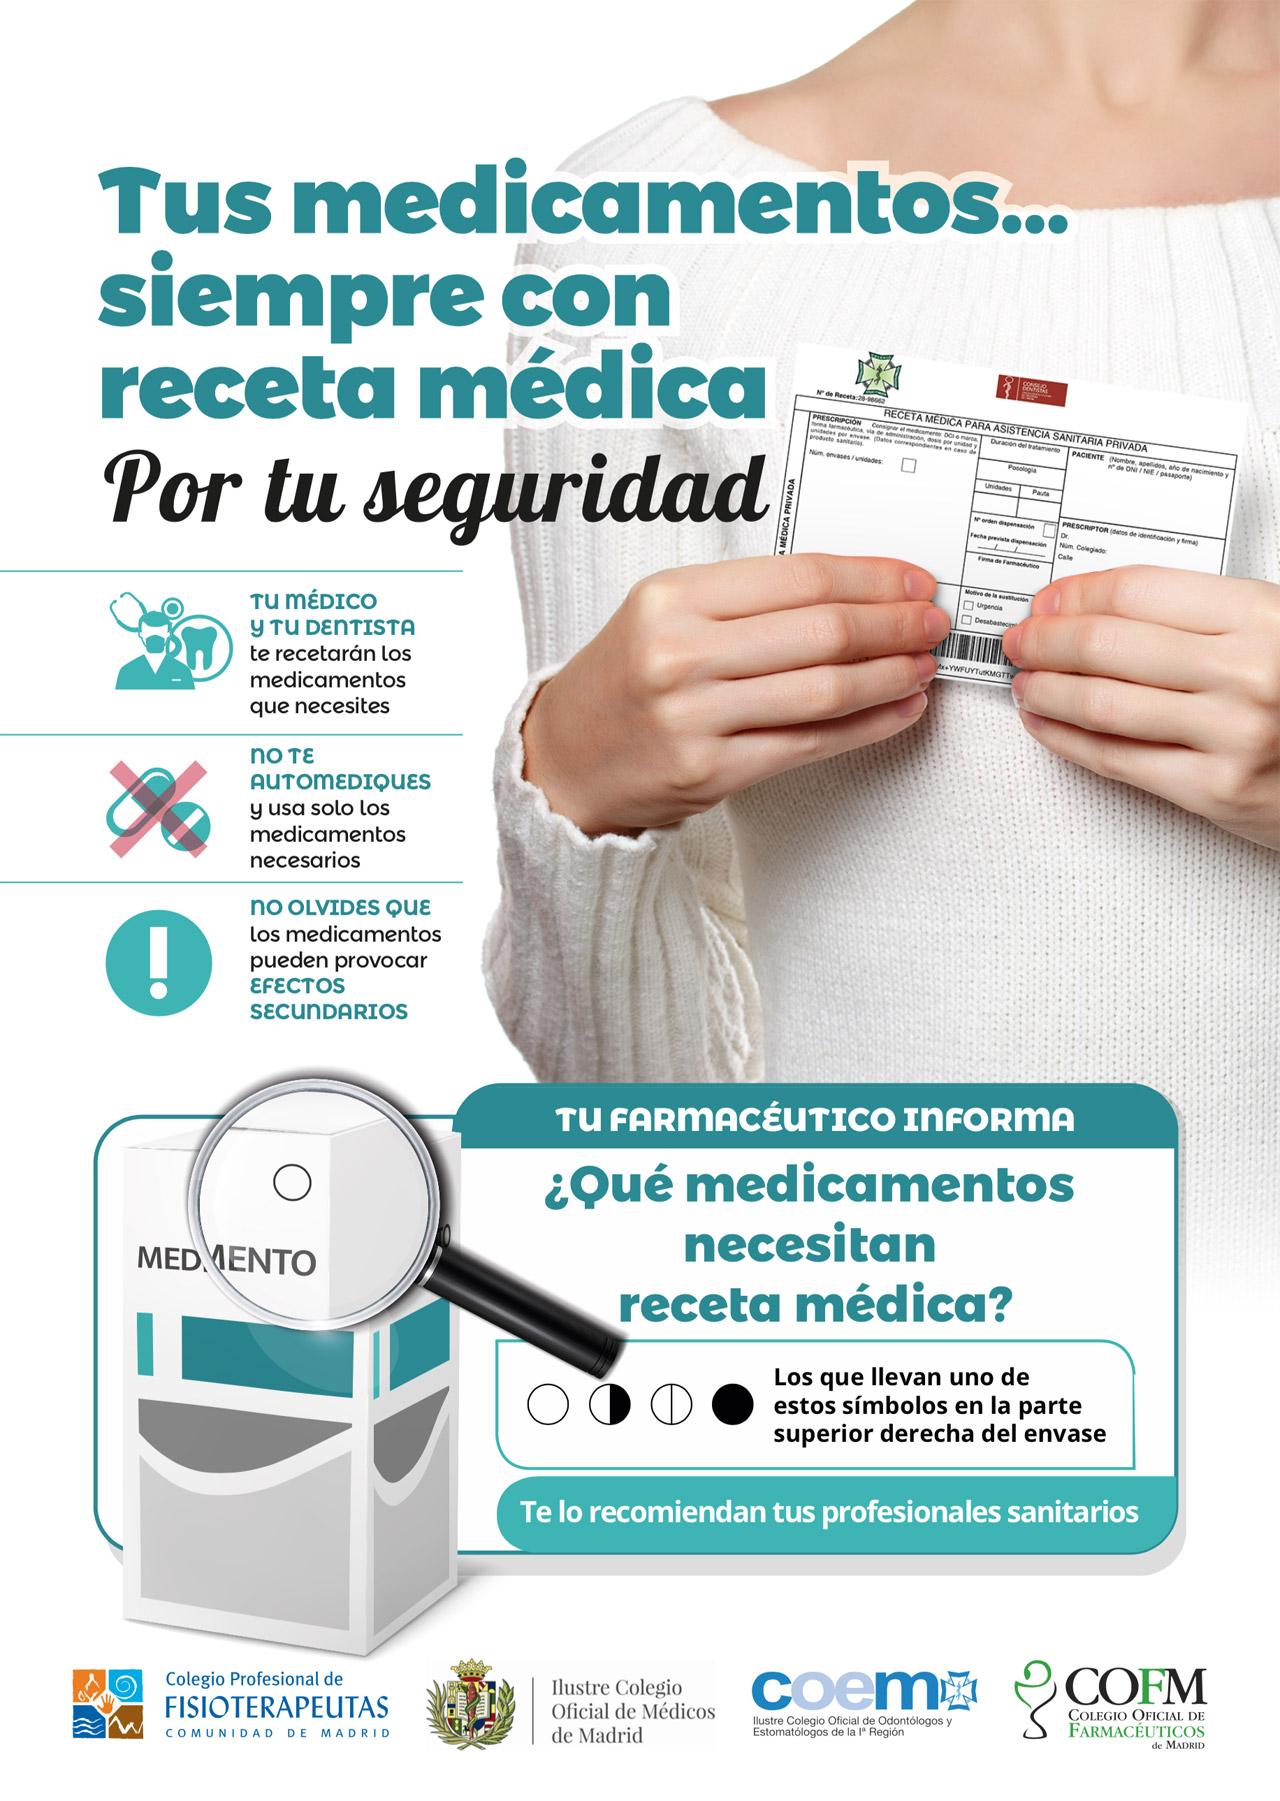 Cartel de la campaña 'Tus medicamentos siempre con receta médica. Por tu seguridad'.